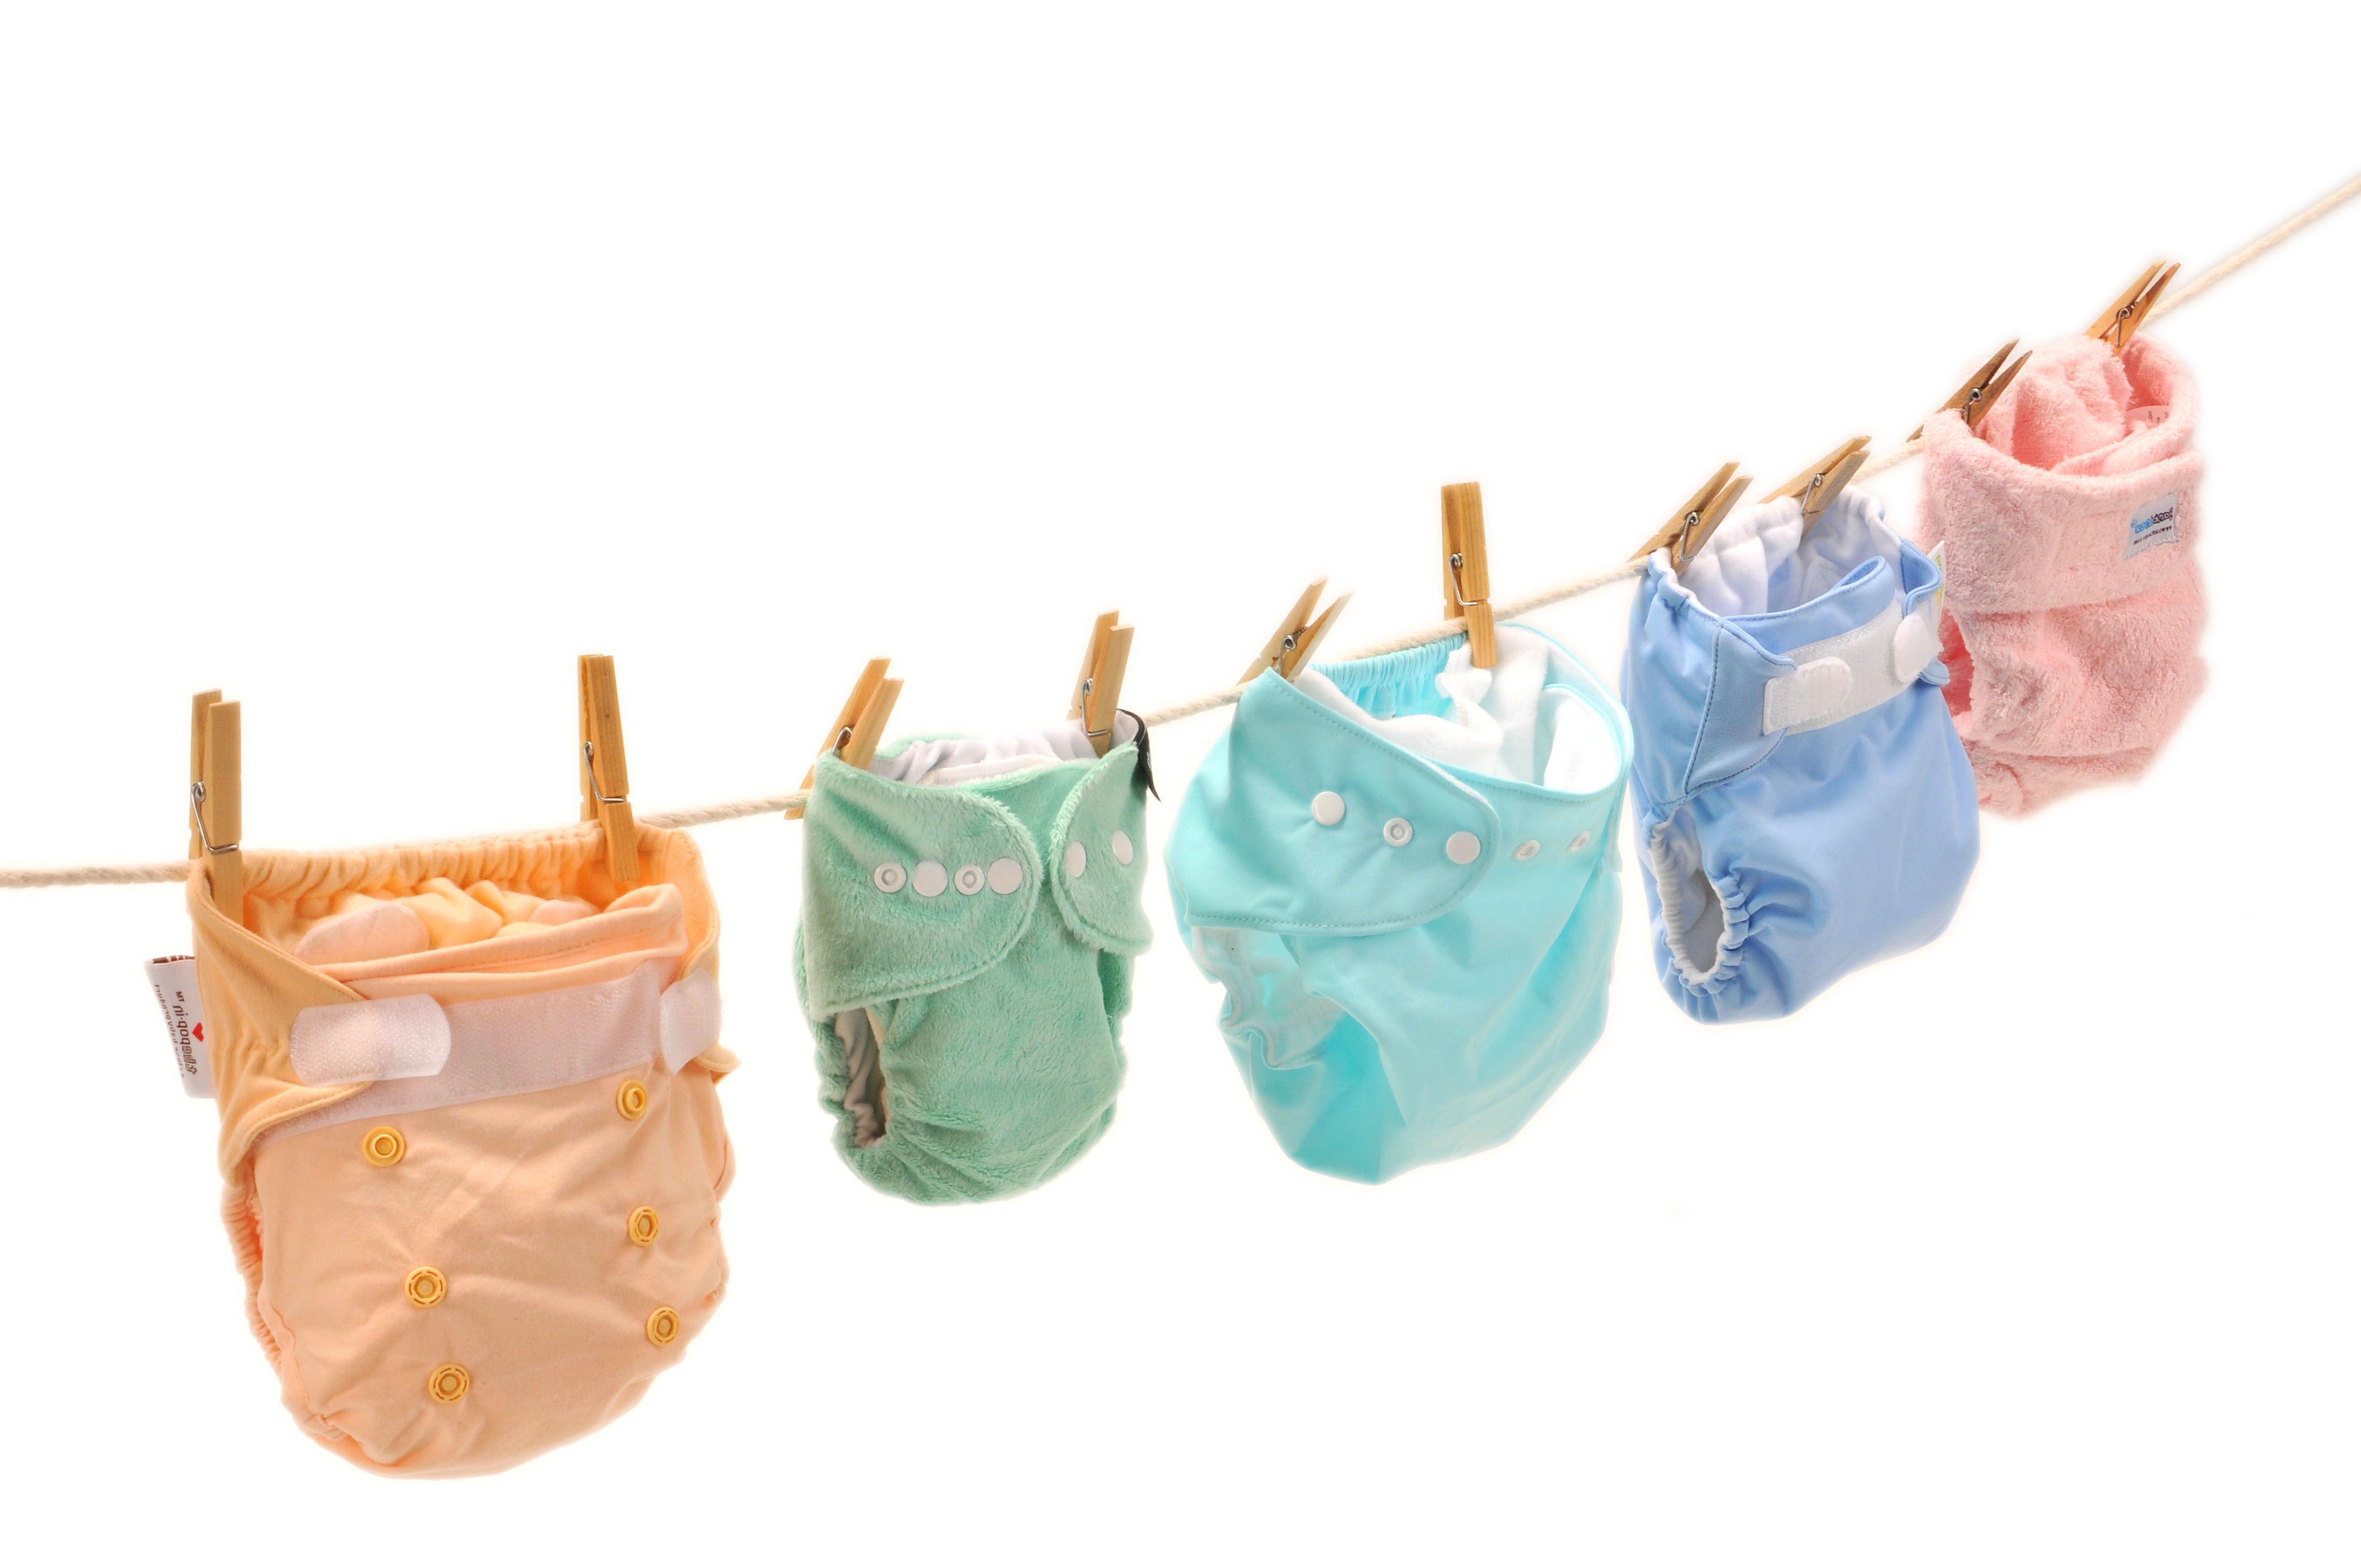 d0e84d7c3 20 cosas que necesita un recién nacido